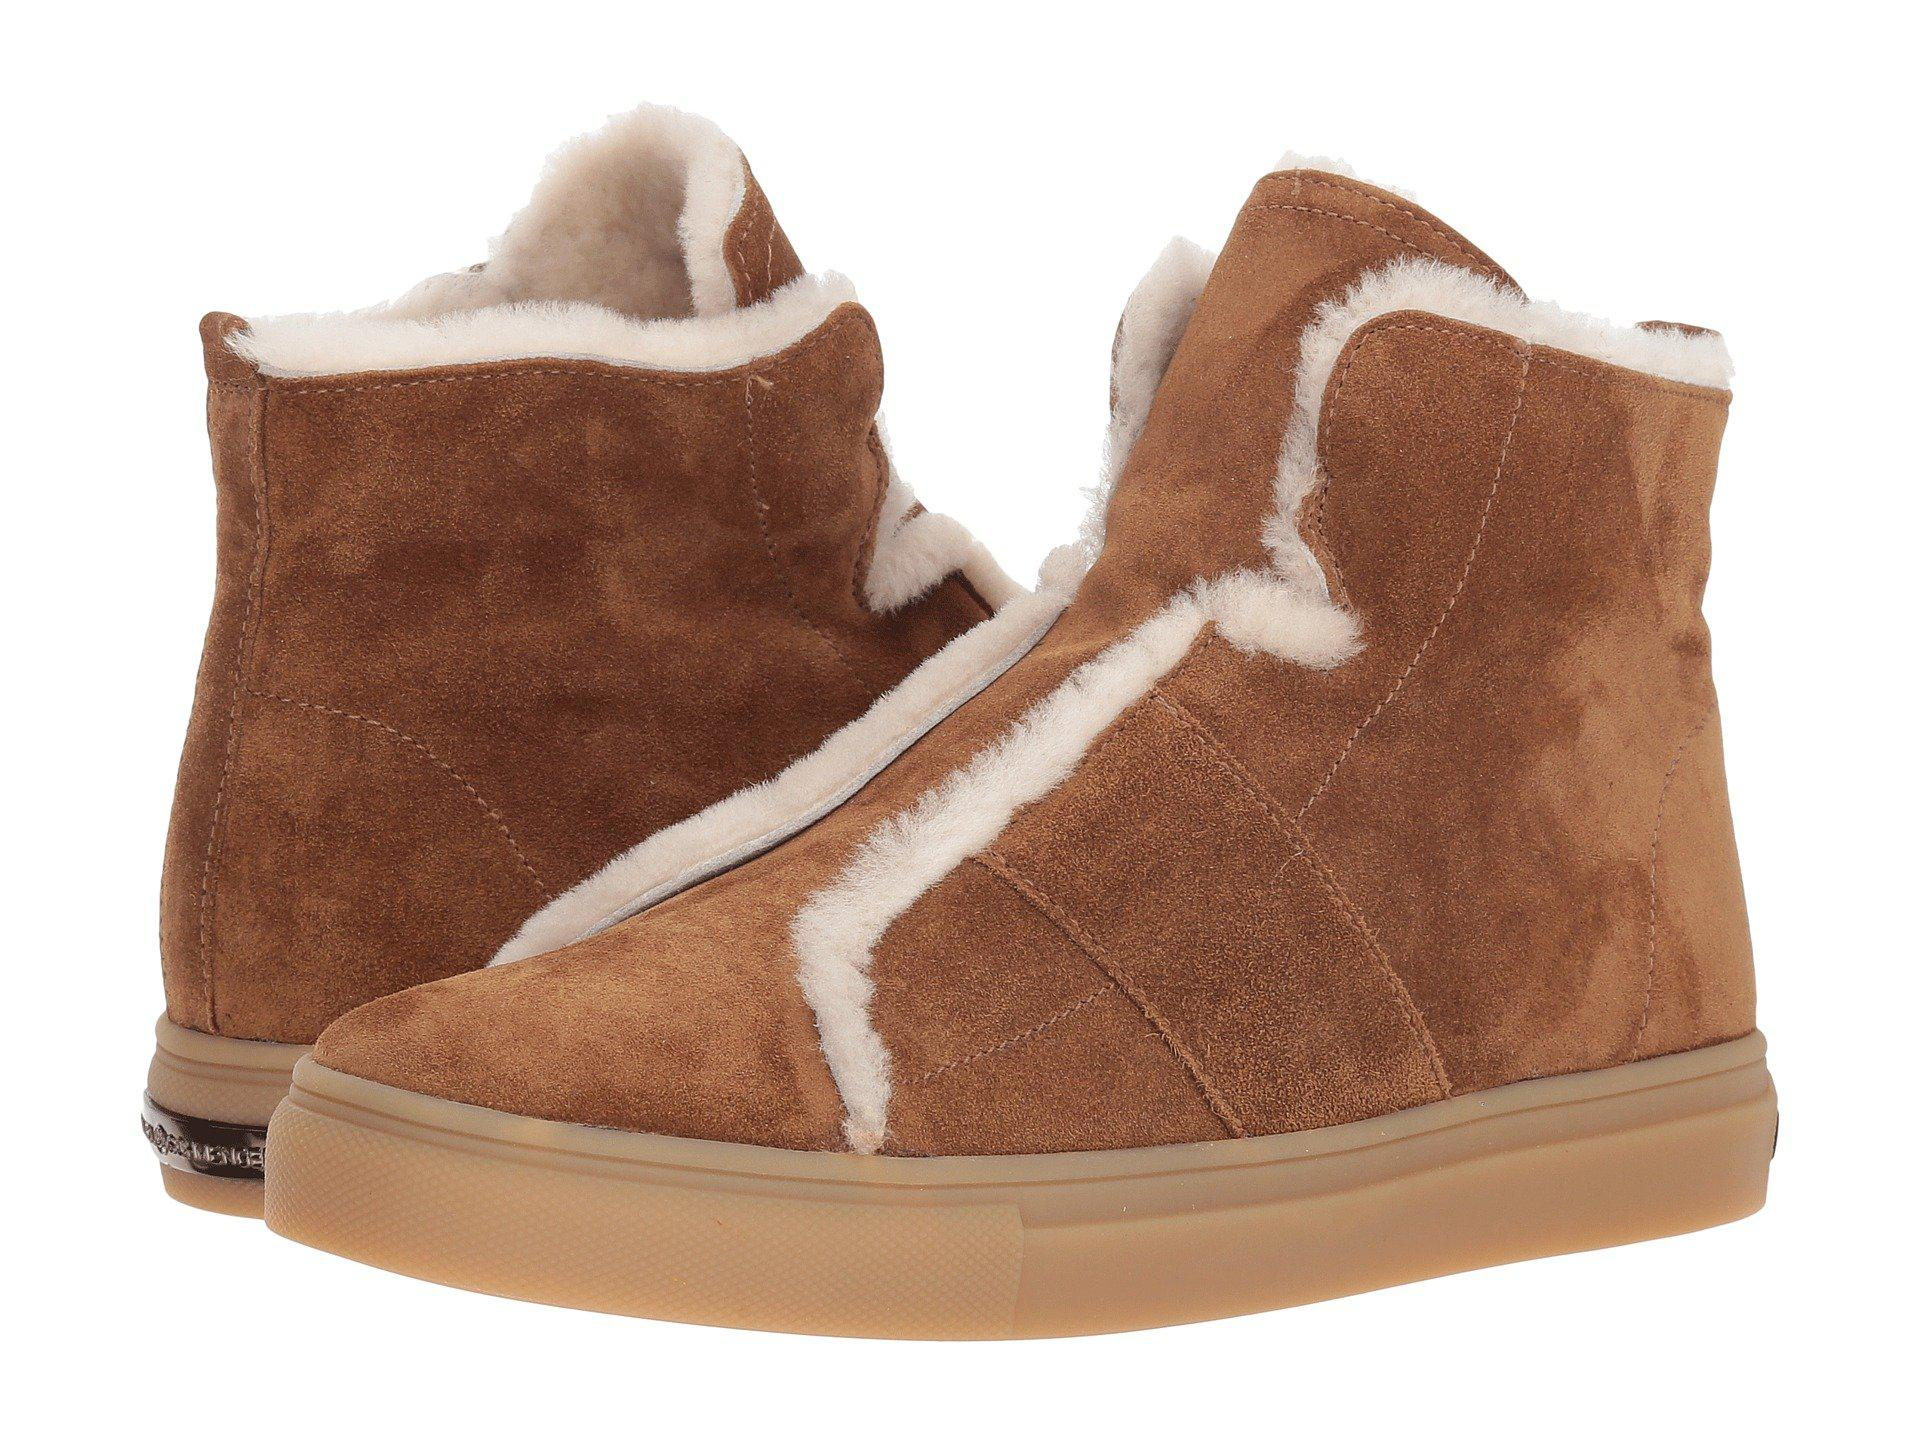 Kennel & SchmengerBasket High Suede and Fleece Sneaker ekNtcKujZI